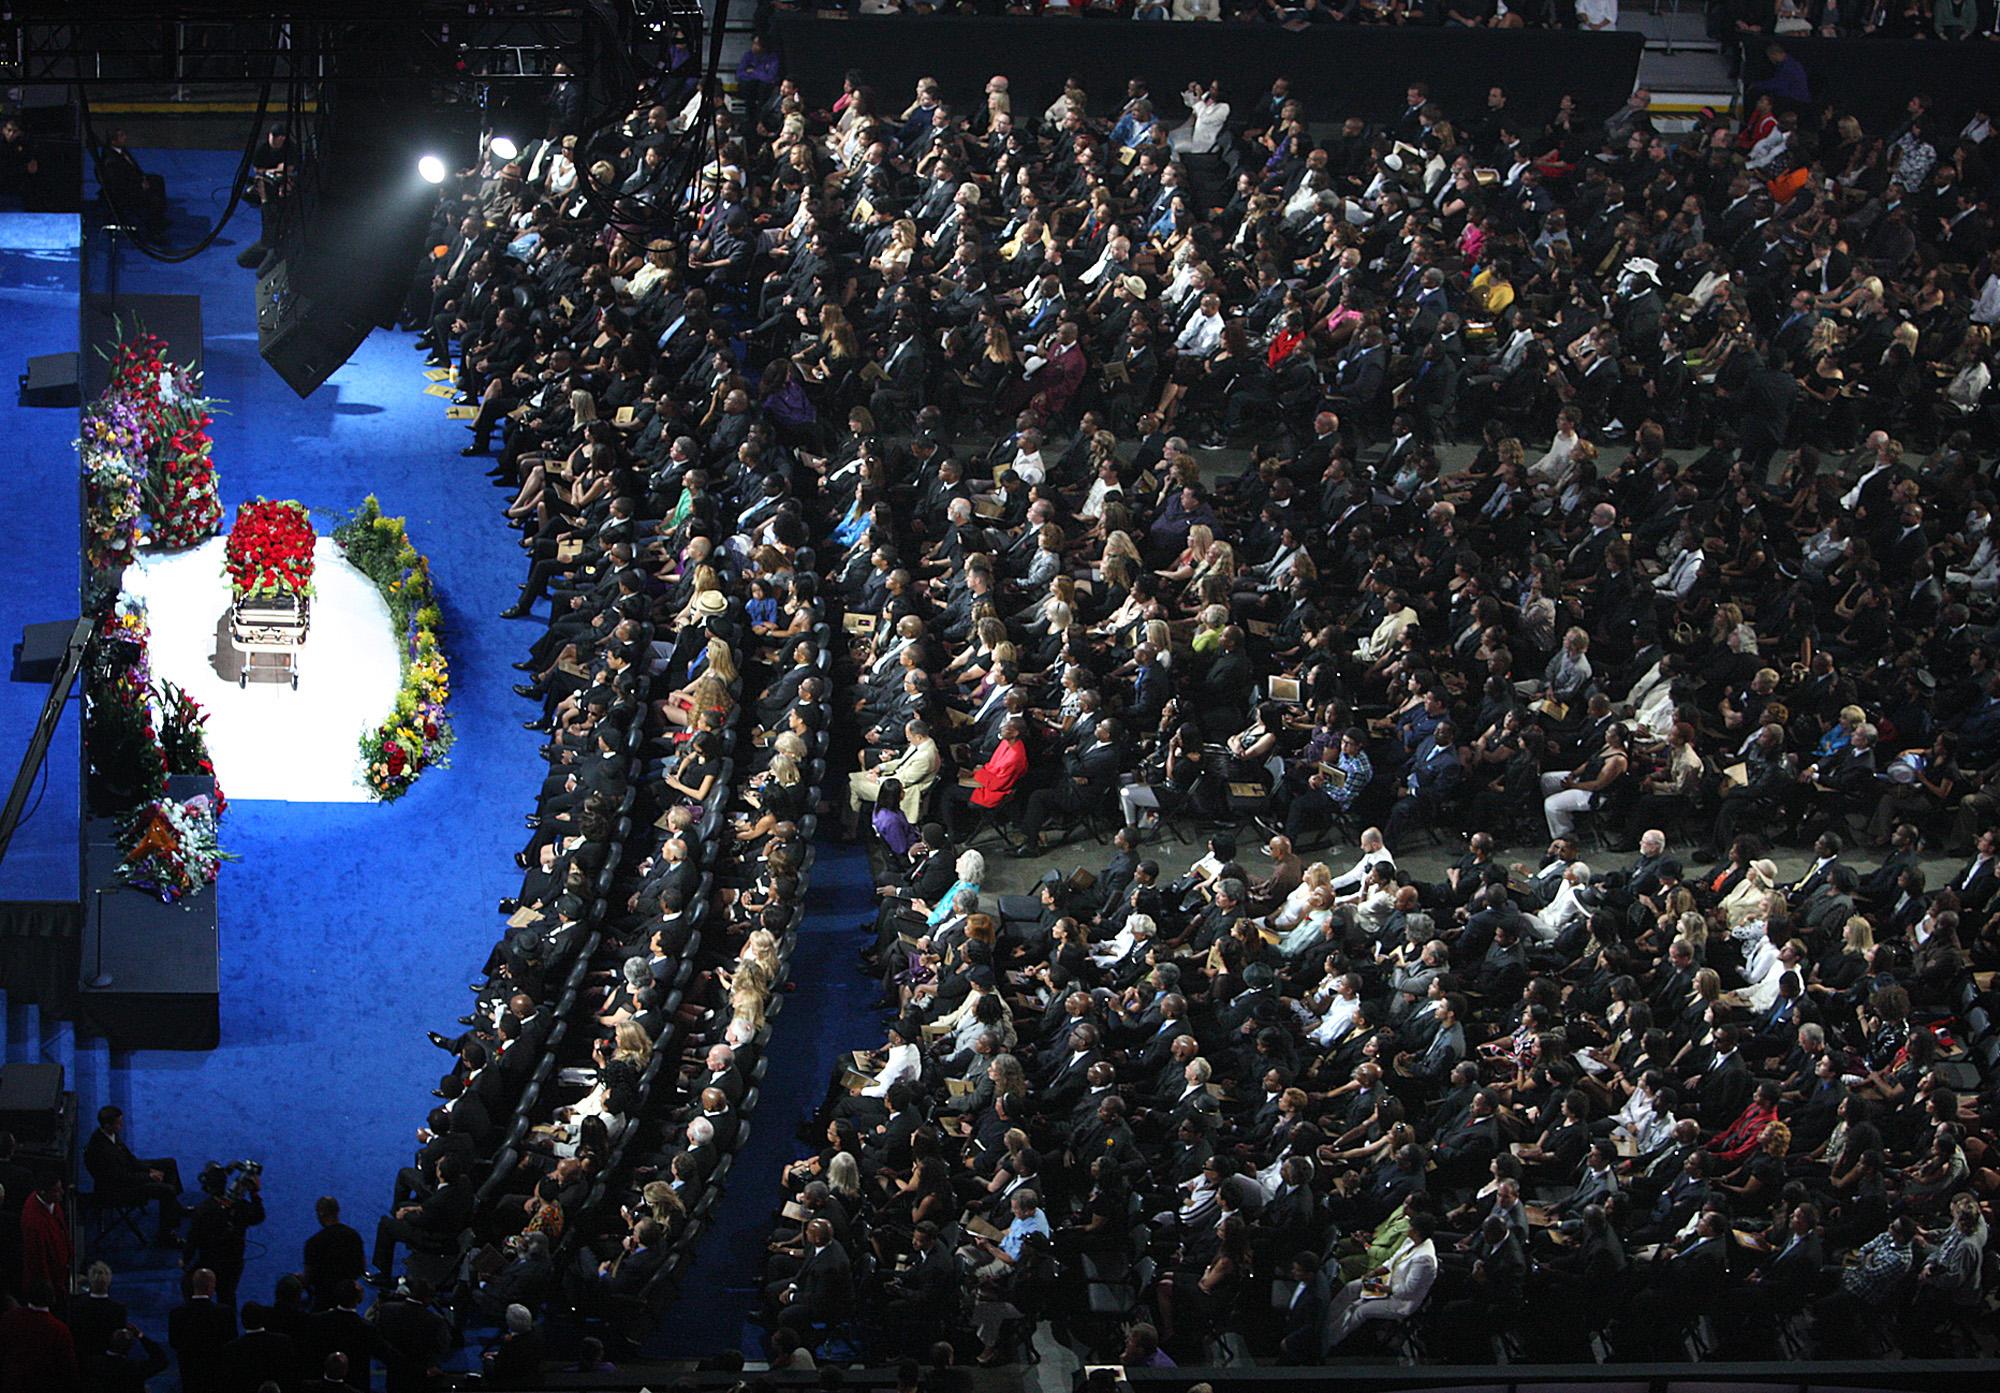 2009年7月7日,數萬名粉絲齊聚洛杉磯的Staples Center,為不幸猝逝的麥可傑克森送上最後一程。美聯社